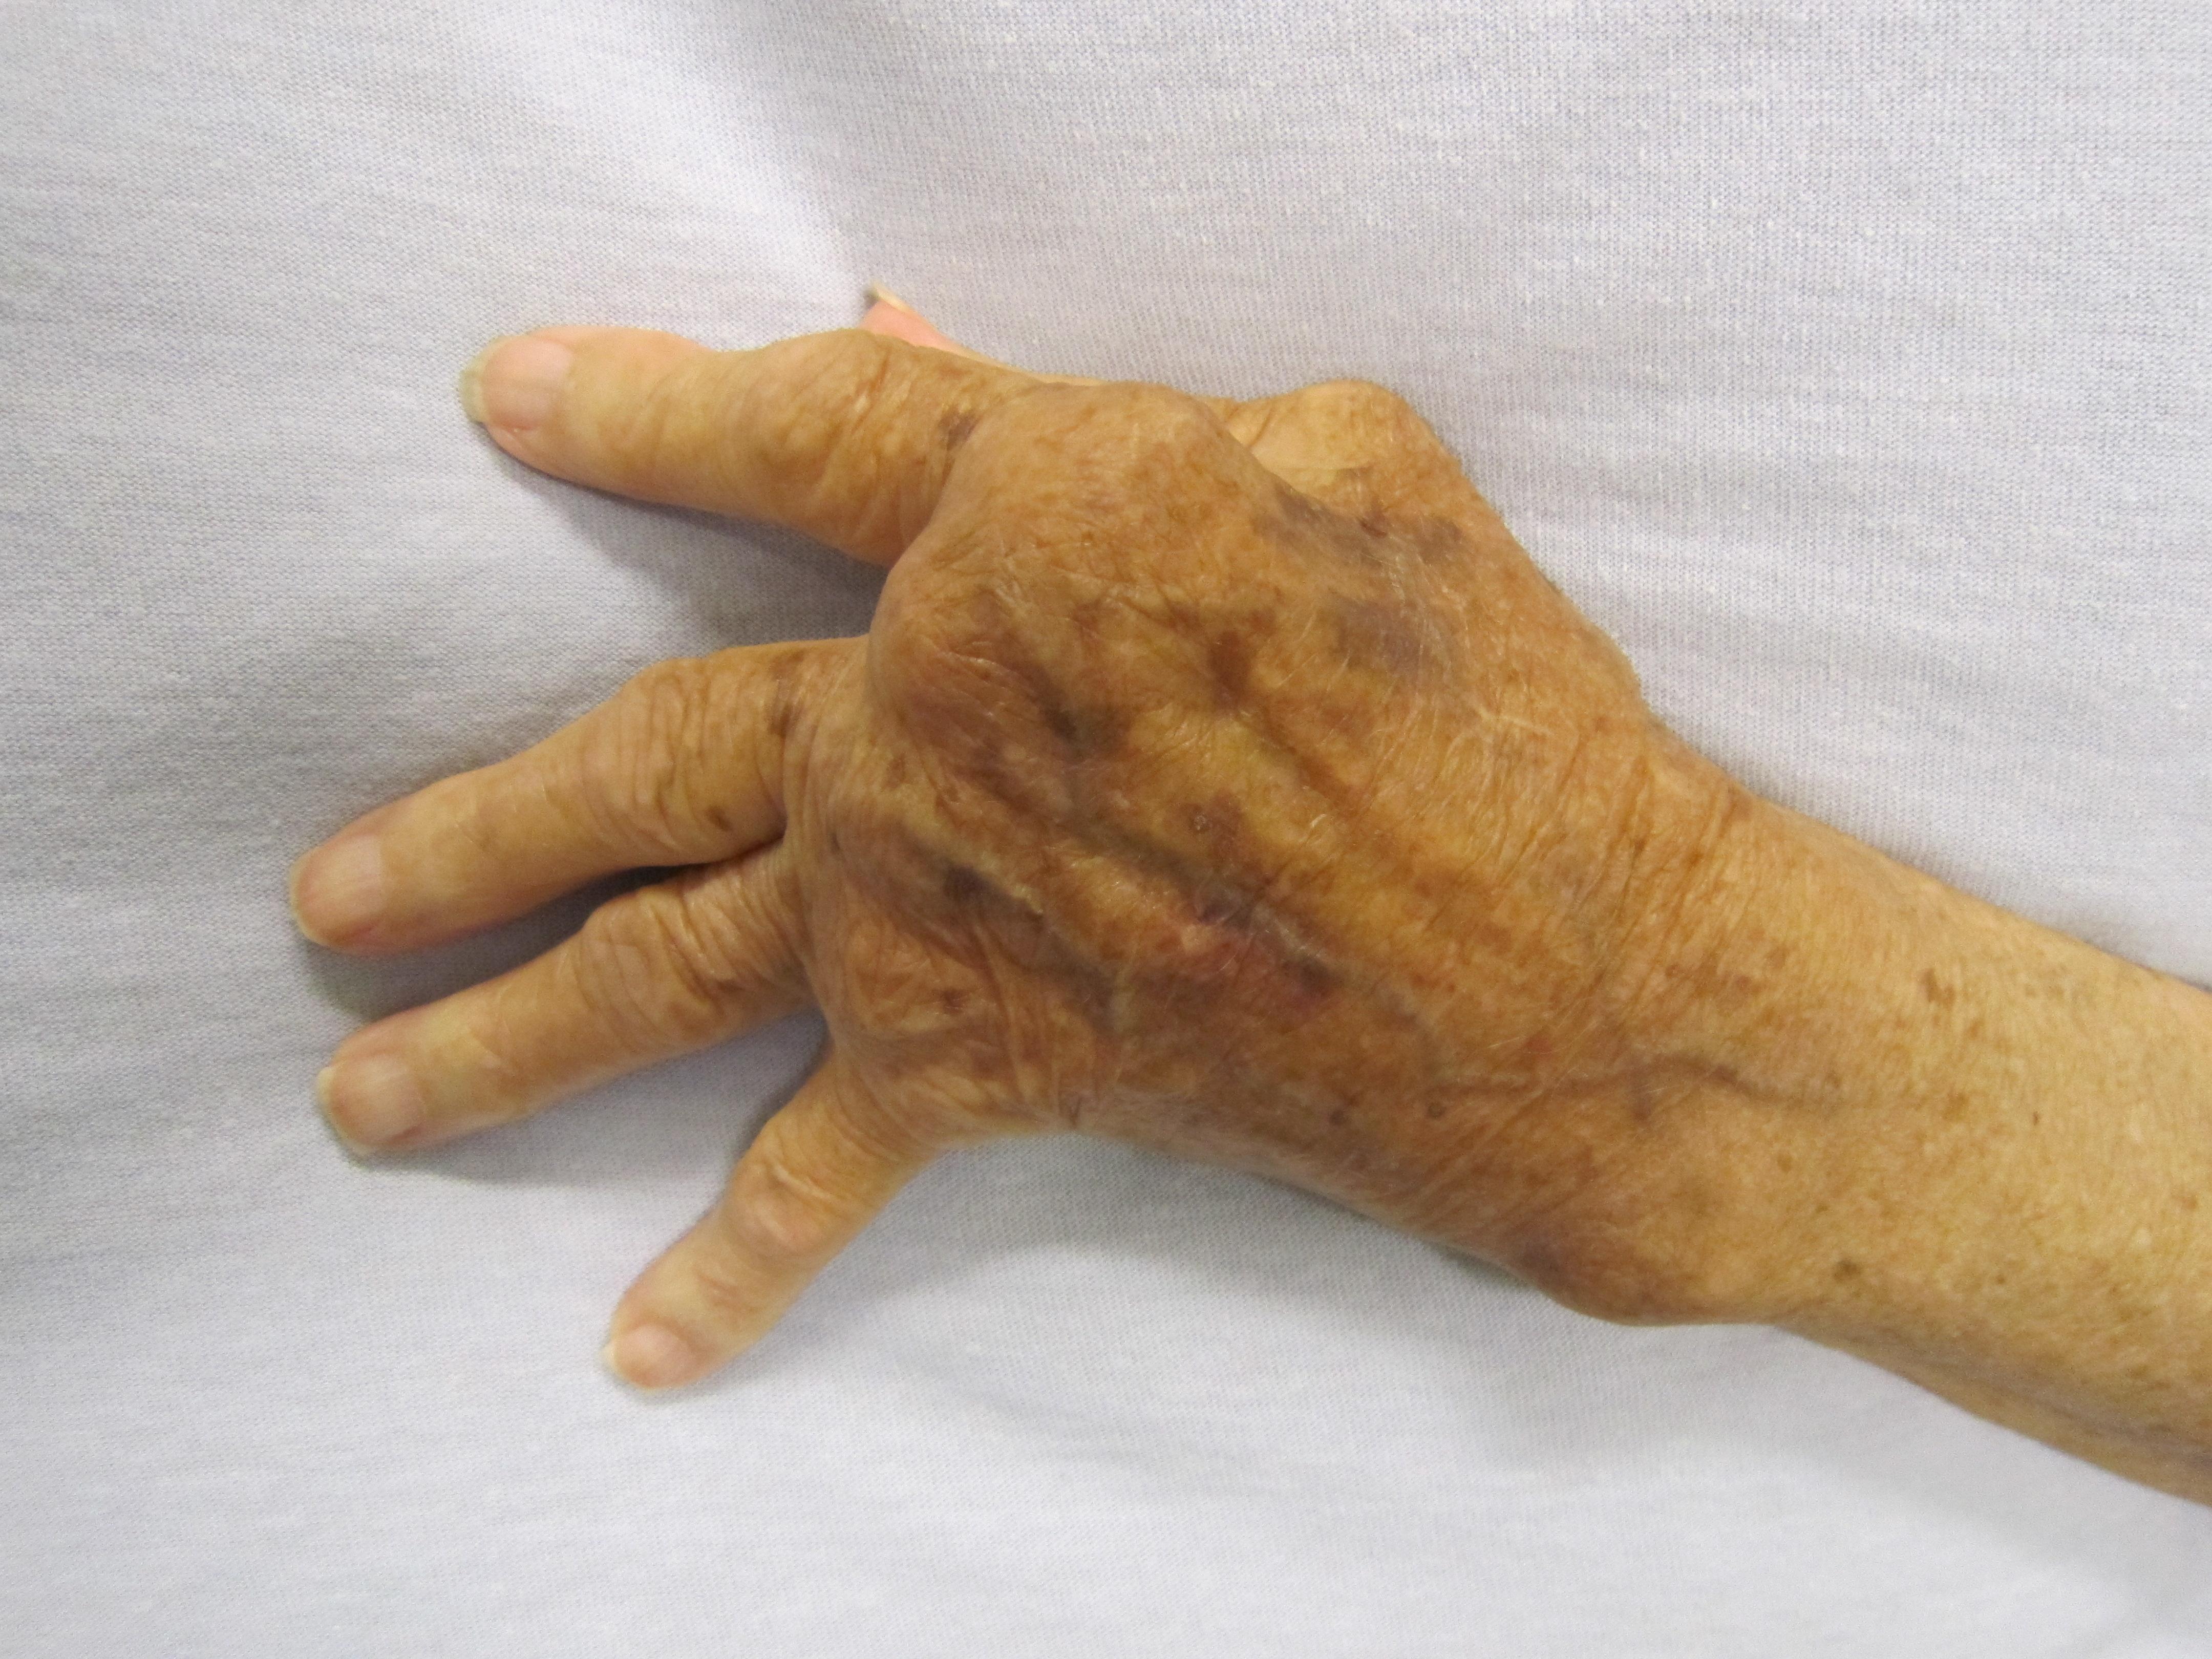 hogyan lehet gyógyítani az ujjain található ízületi gyulladást ízületi fájdalom metafizika